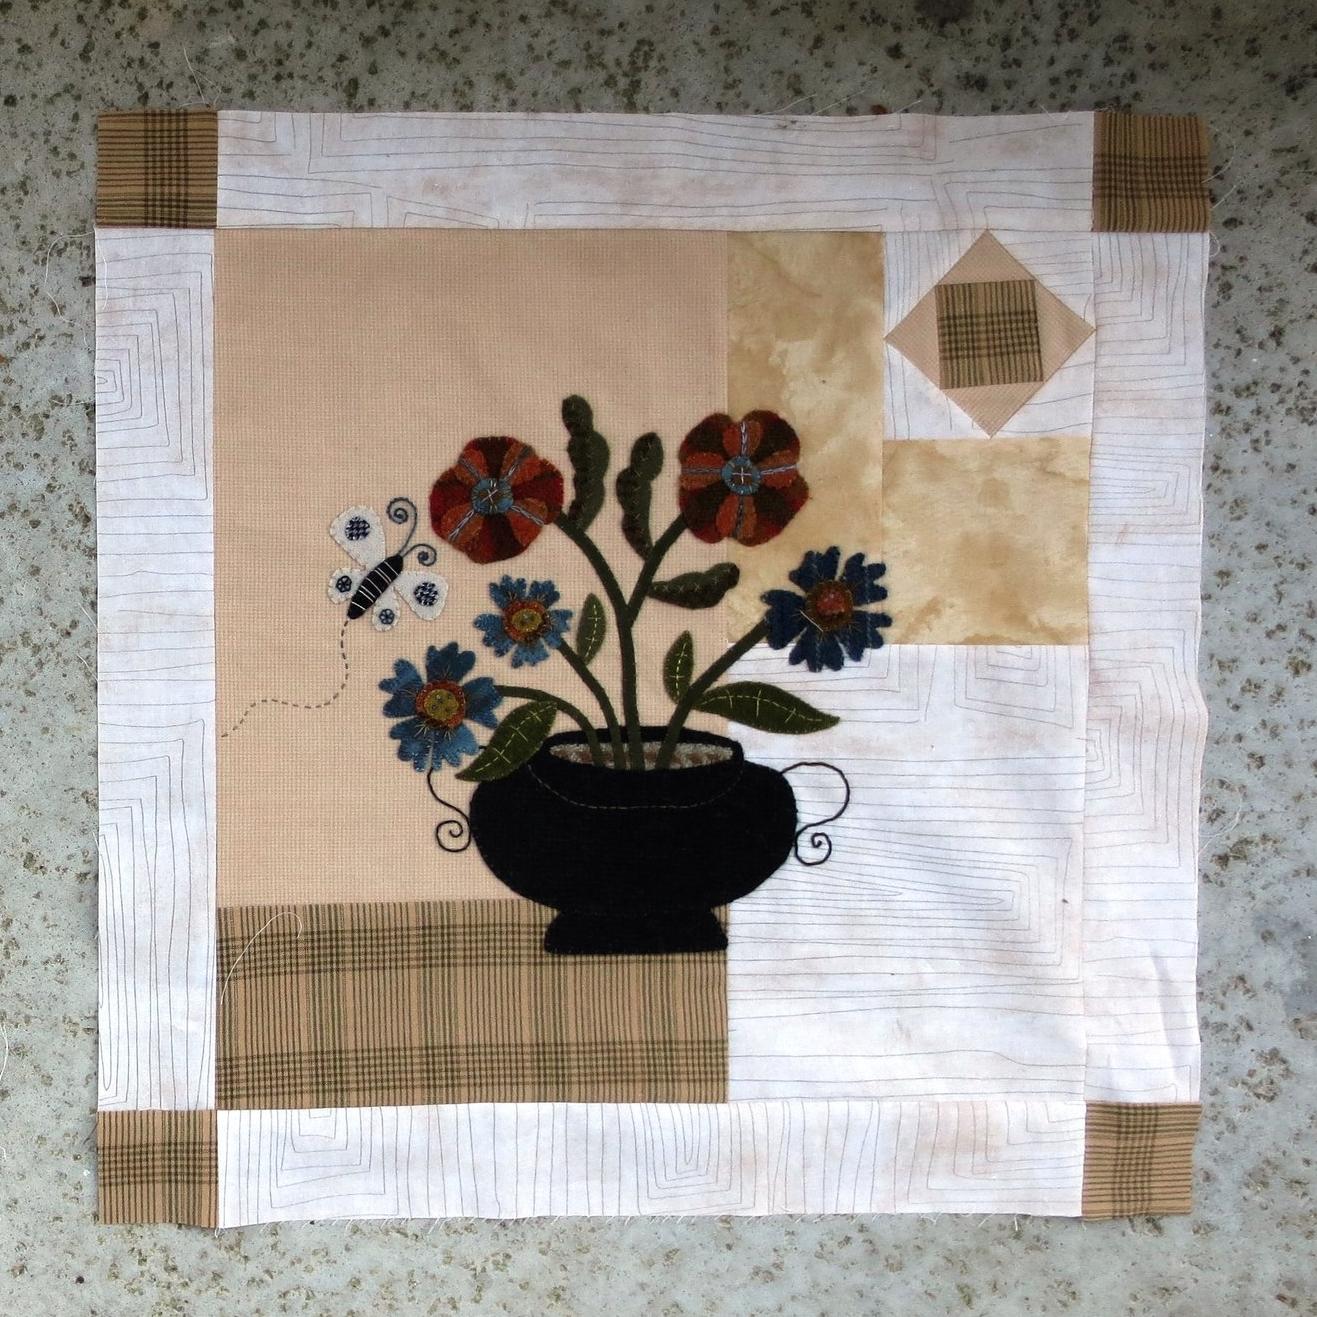 Flowers From My Garden Sashing and Corner Blocks3.jpg